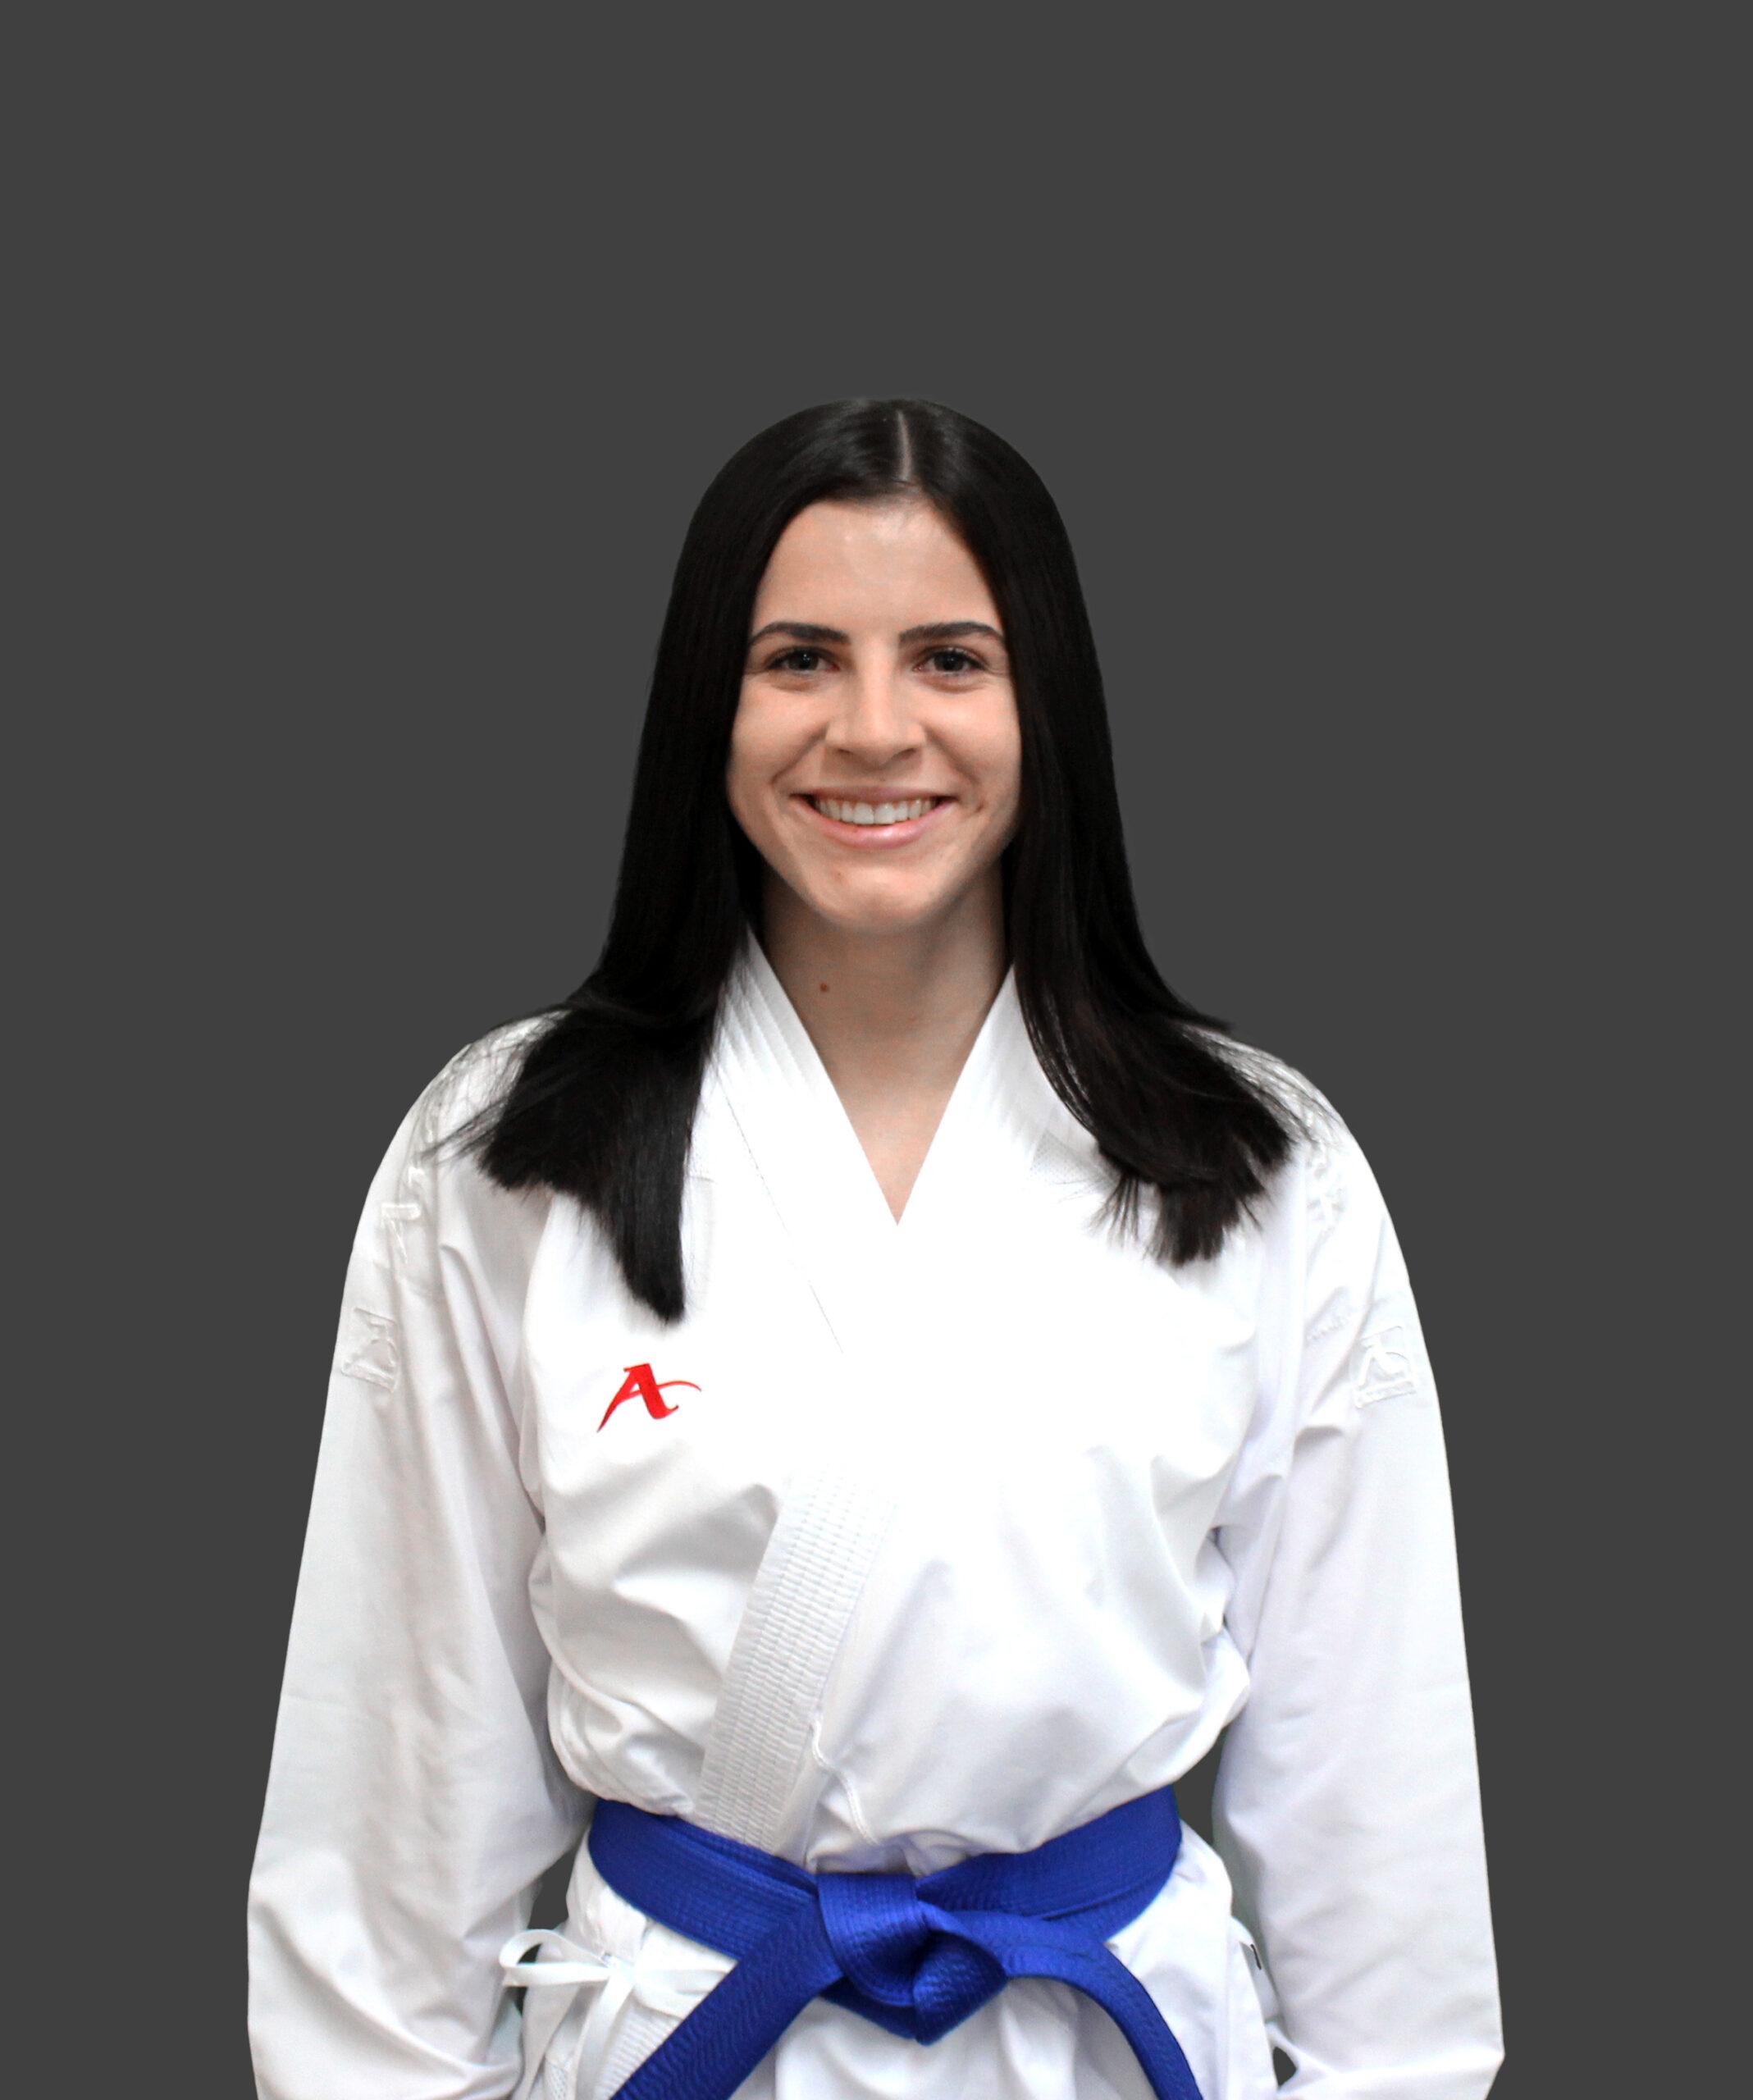 Nominierung in den Bundeskader des Deutschen Karate Verbands